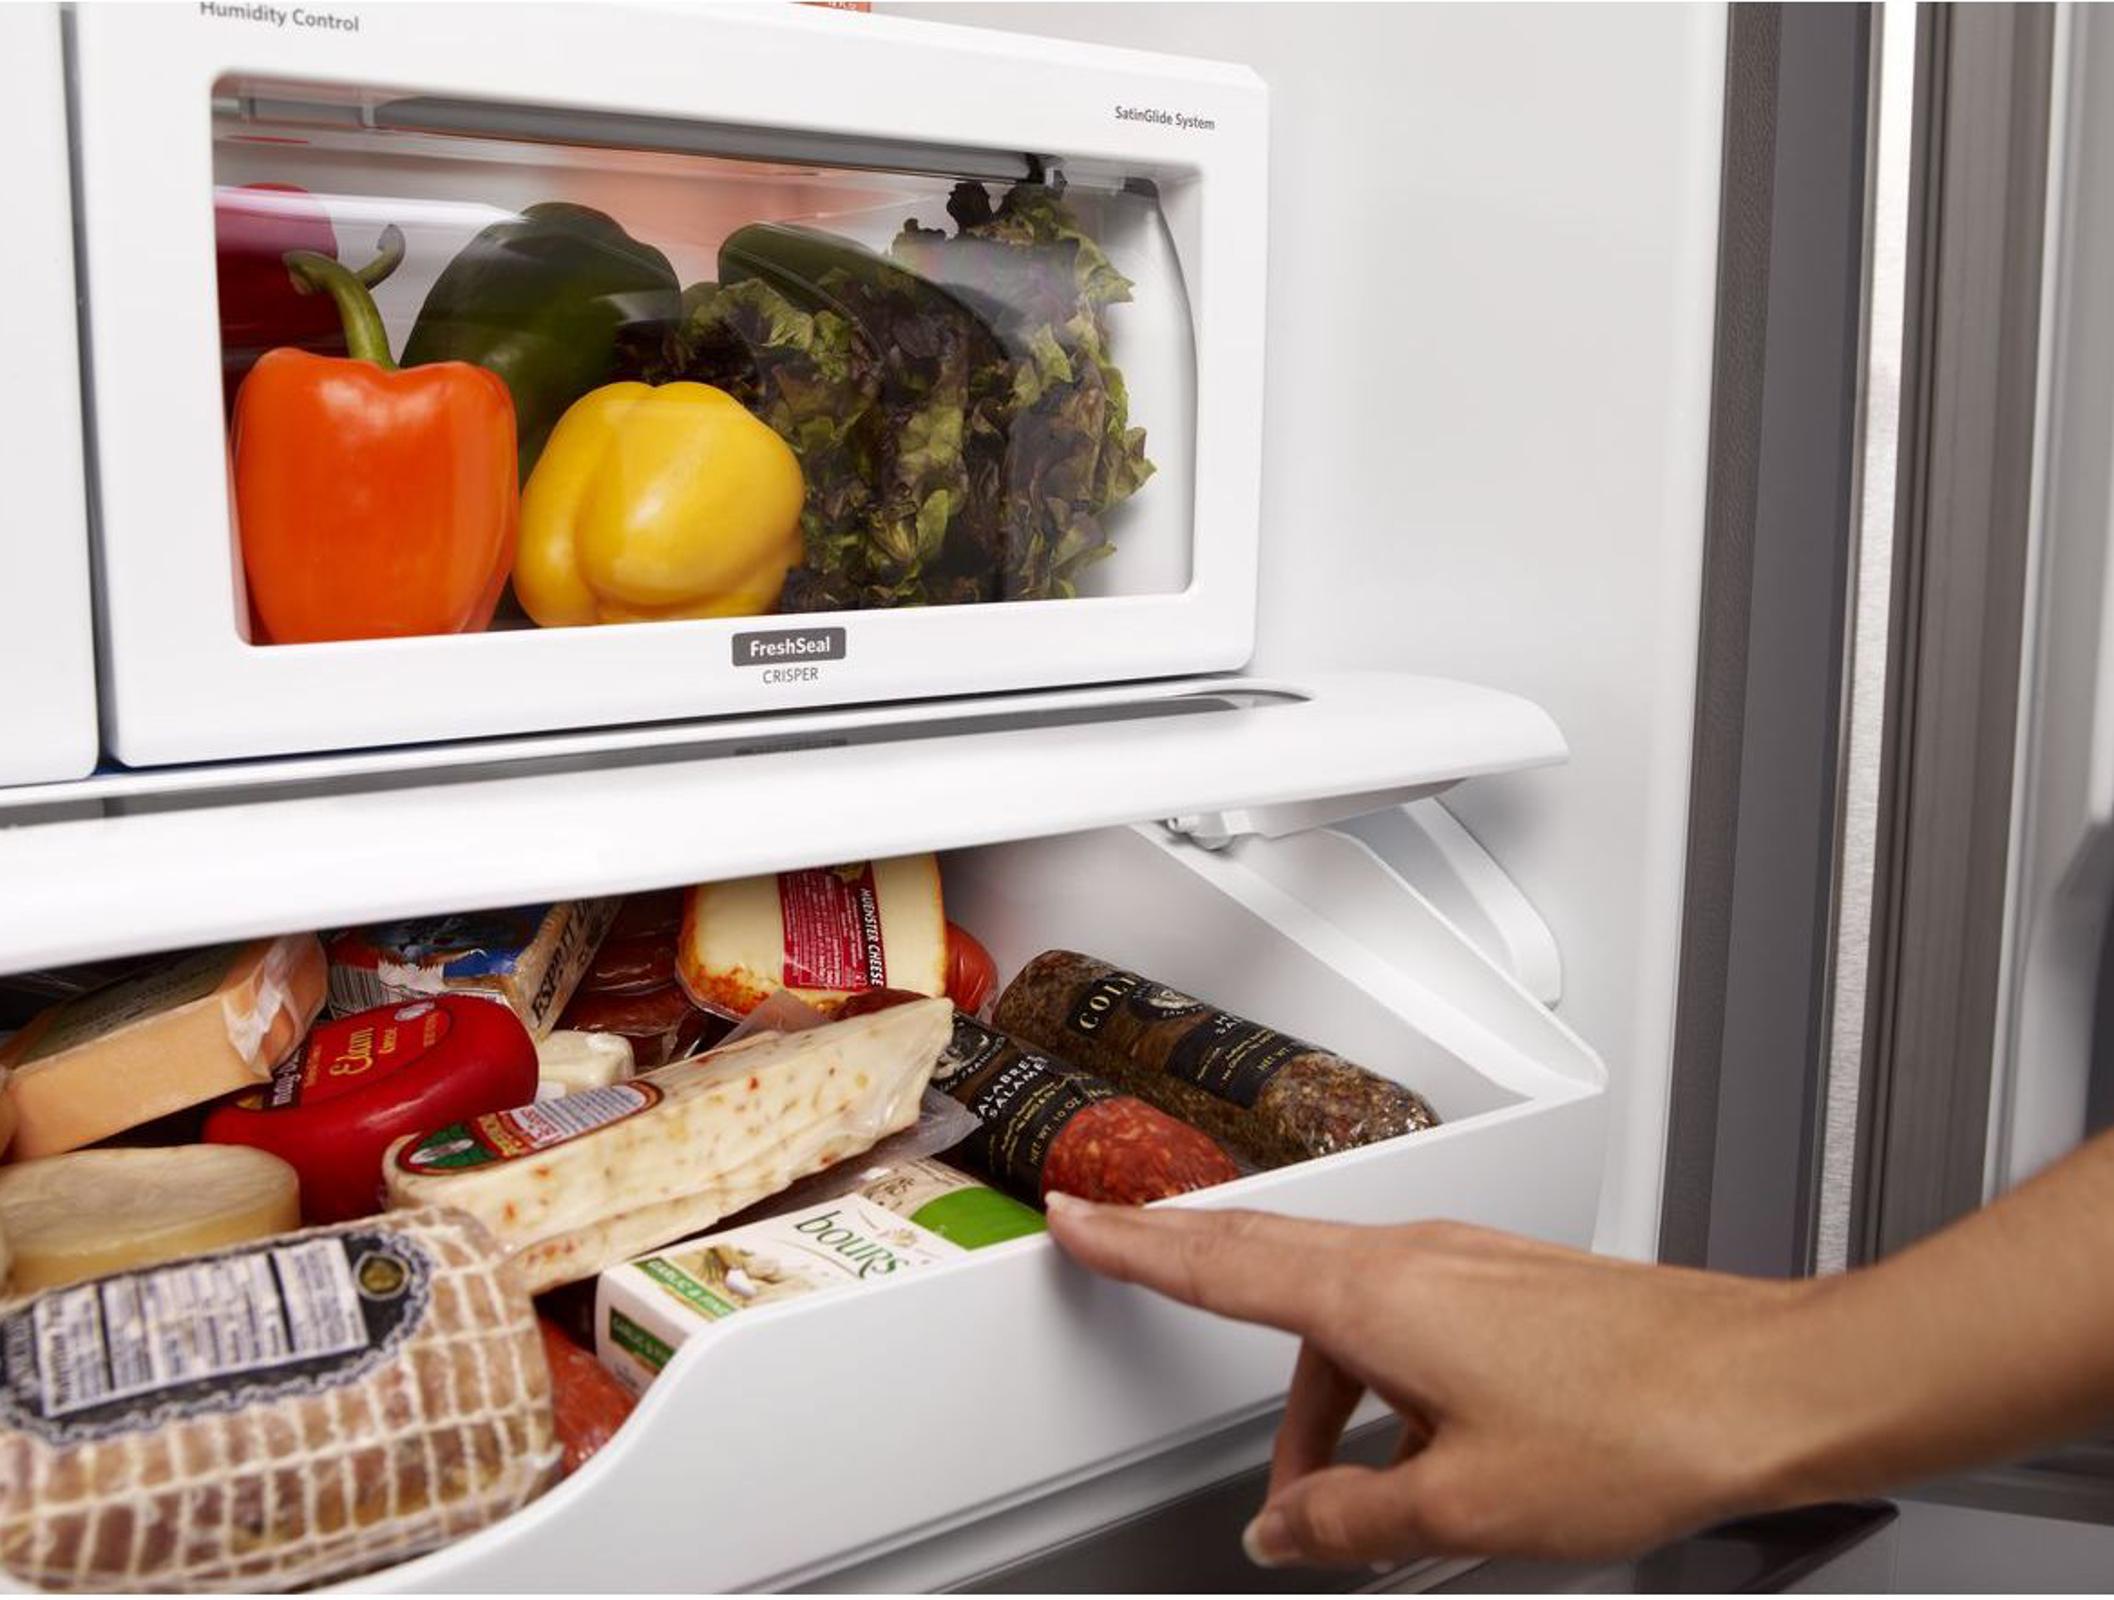 KitchenAid 21.9 cu. ft. French-Door Refrigerator